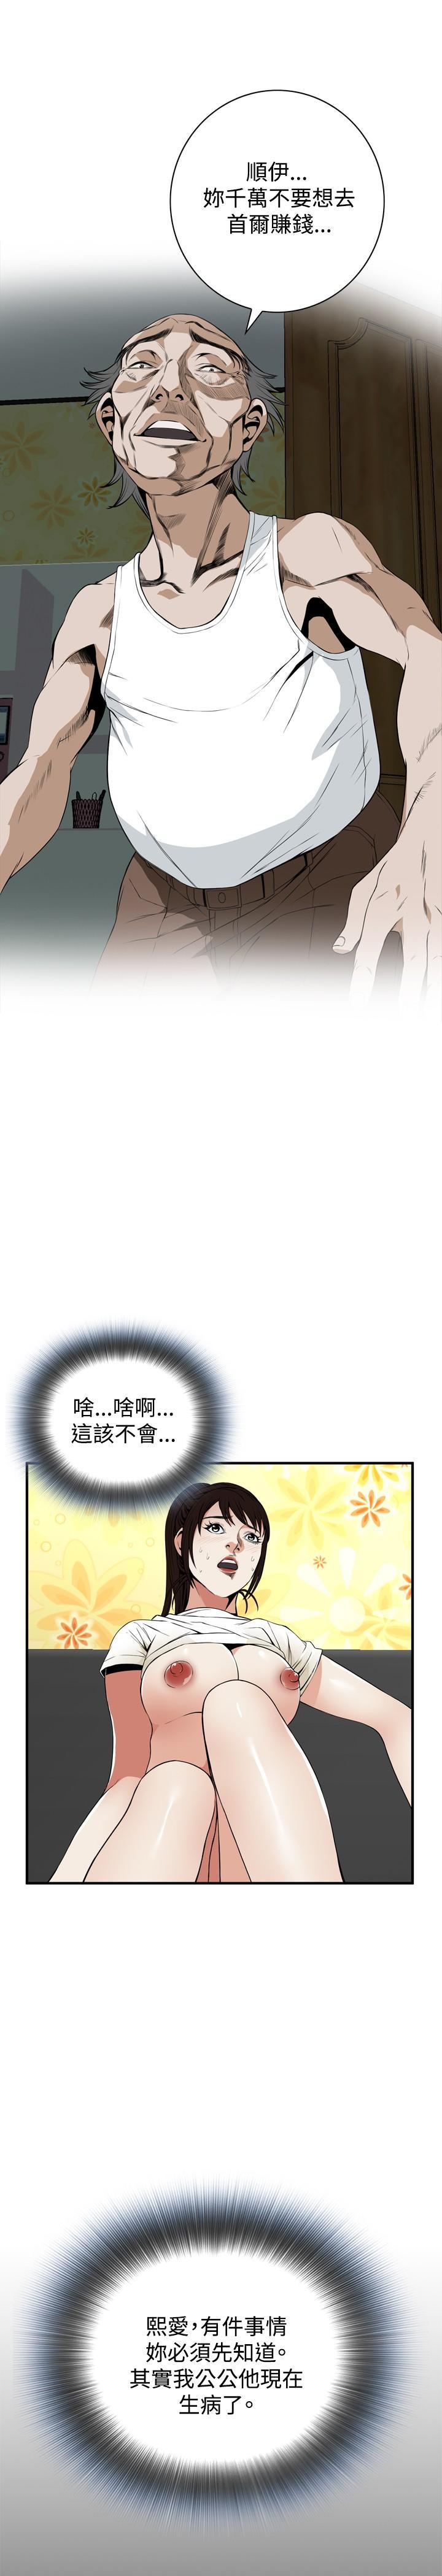 Take a Peek 偷窥 Ch.39-40 5